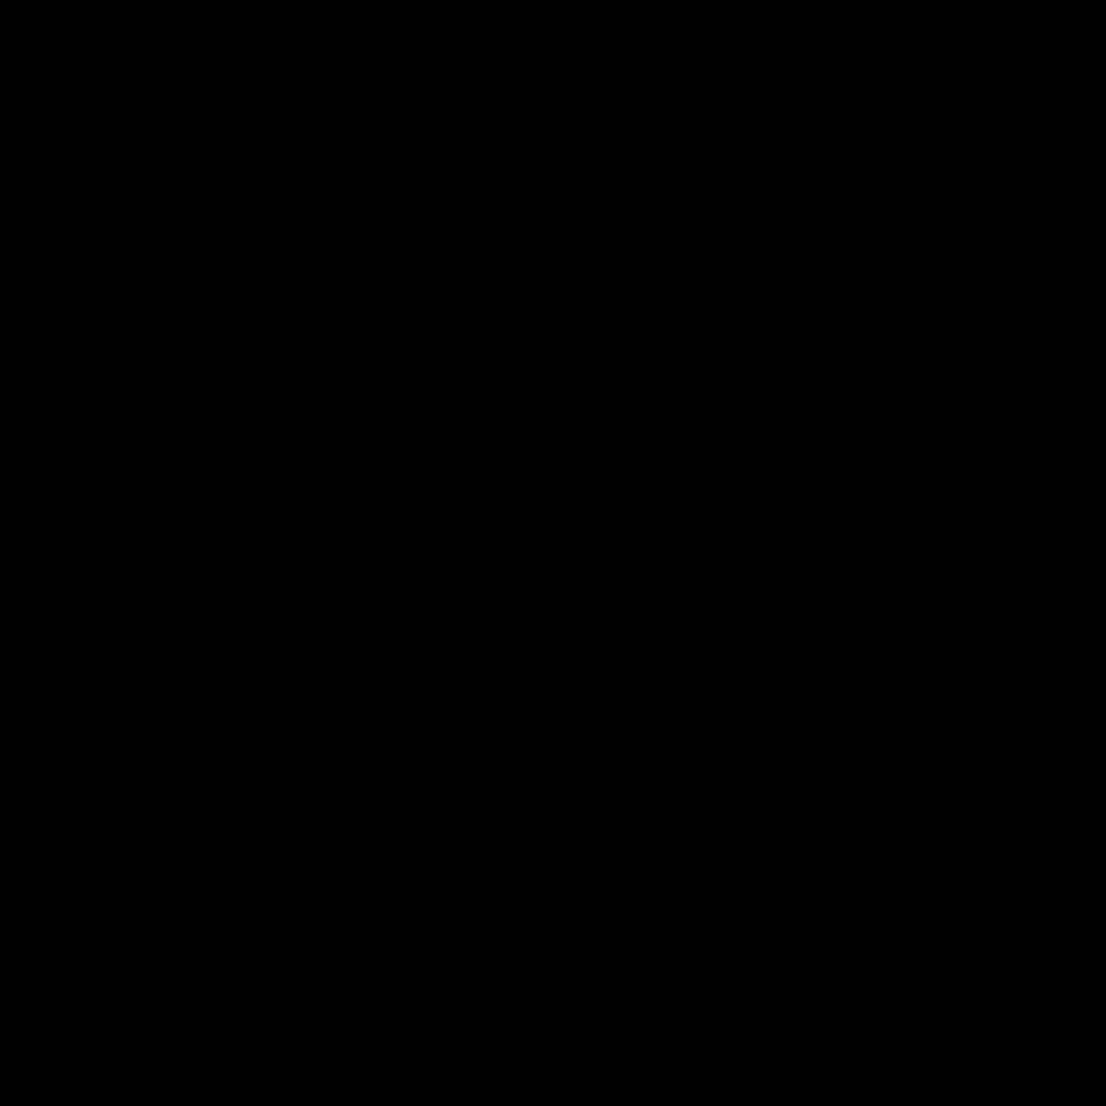 Вышивка бисером икона ксении петербургской 39